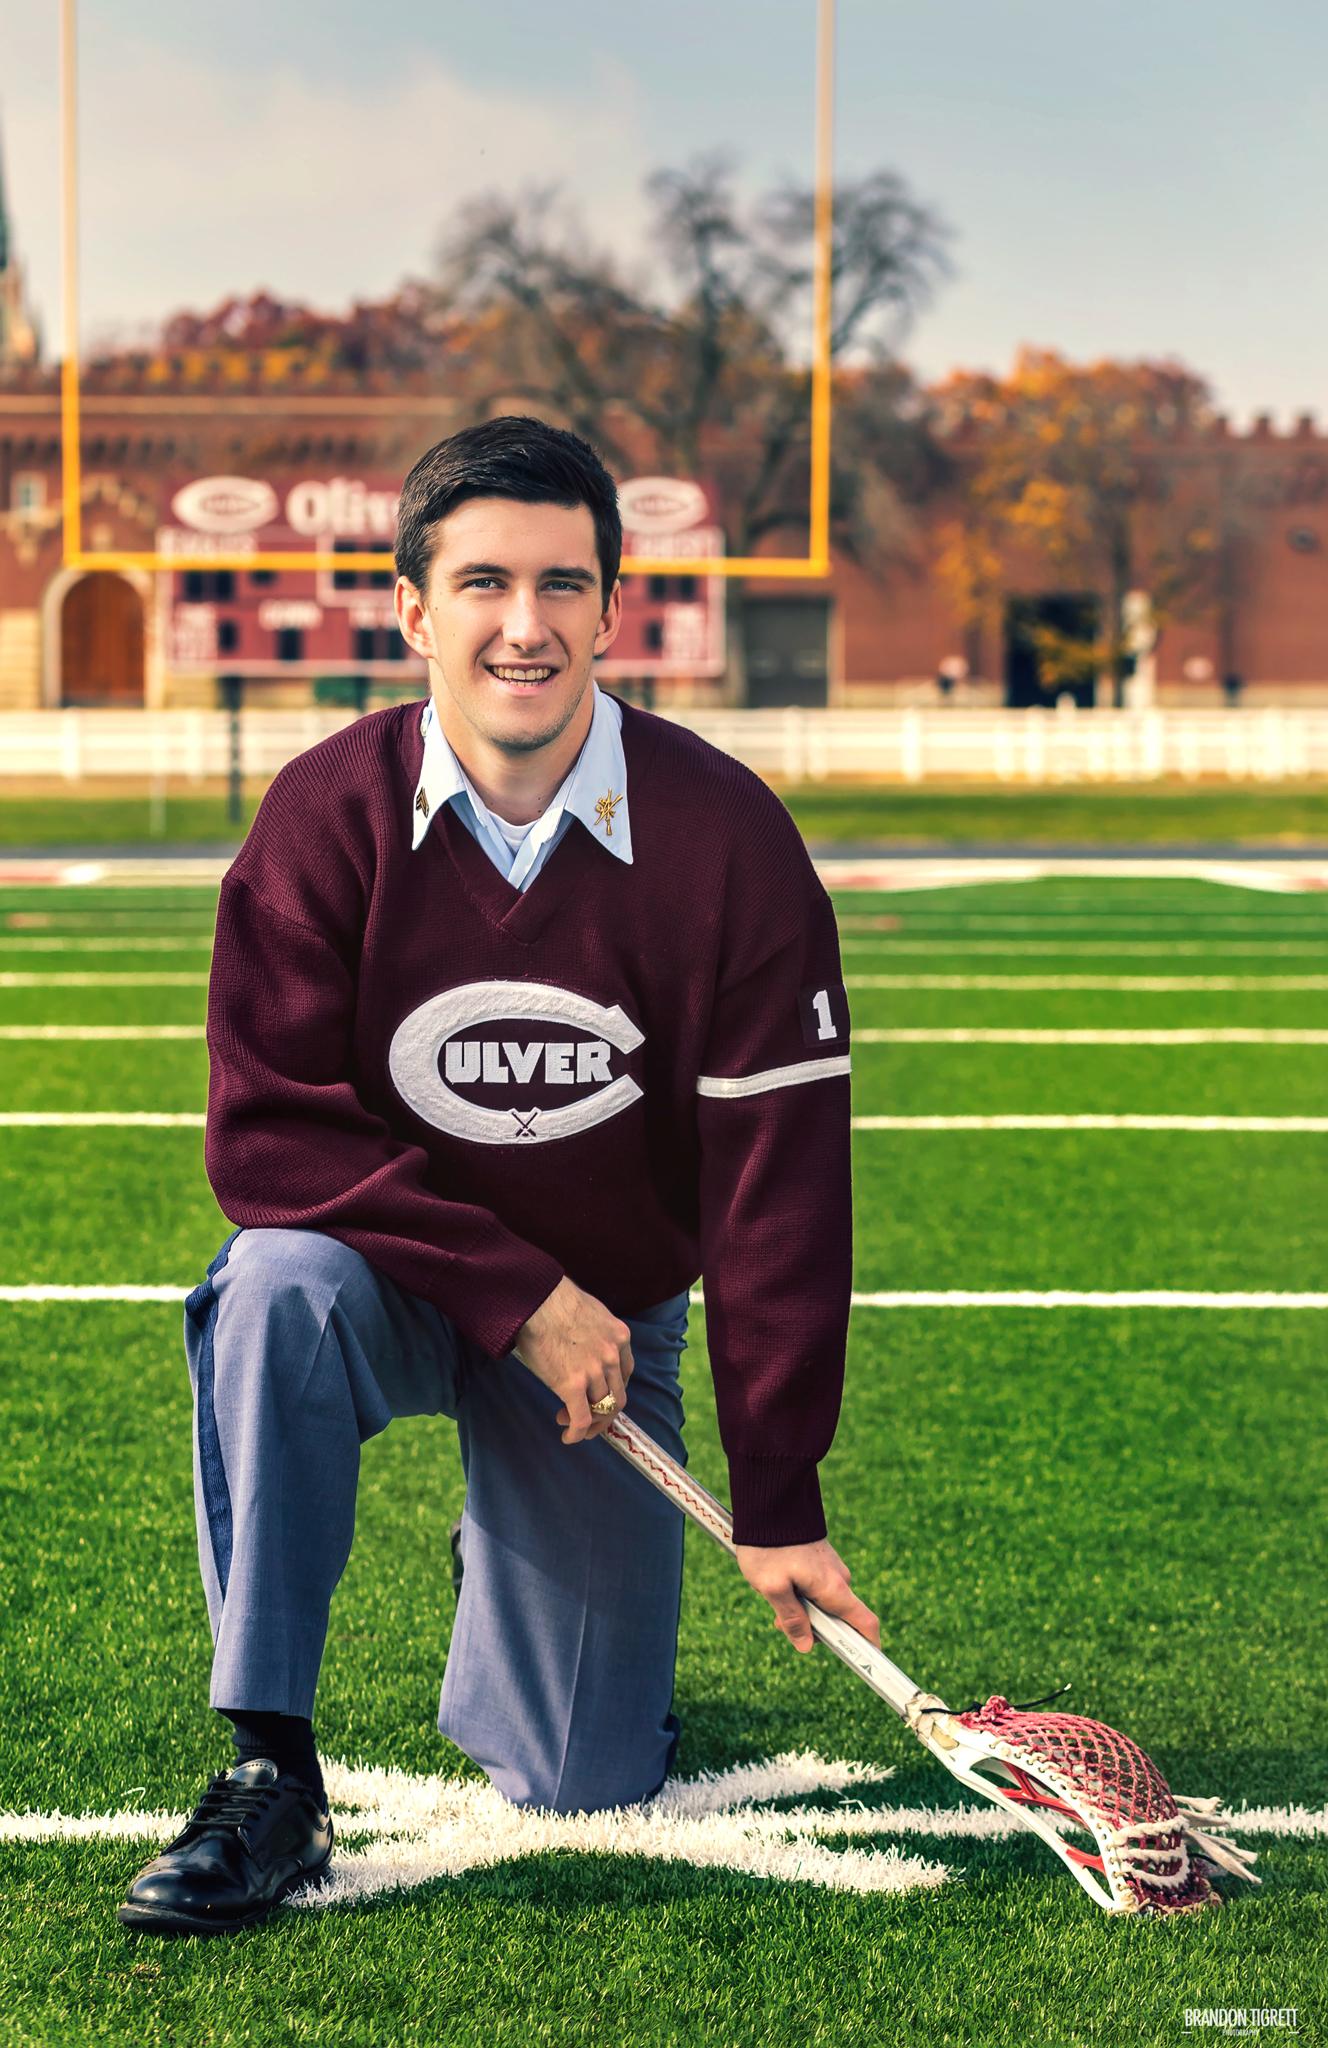 Culver Academy Senior 2015 - lacrosse